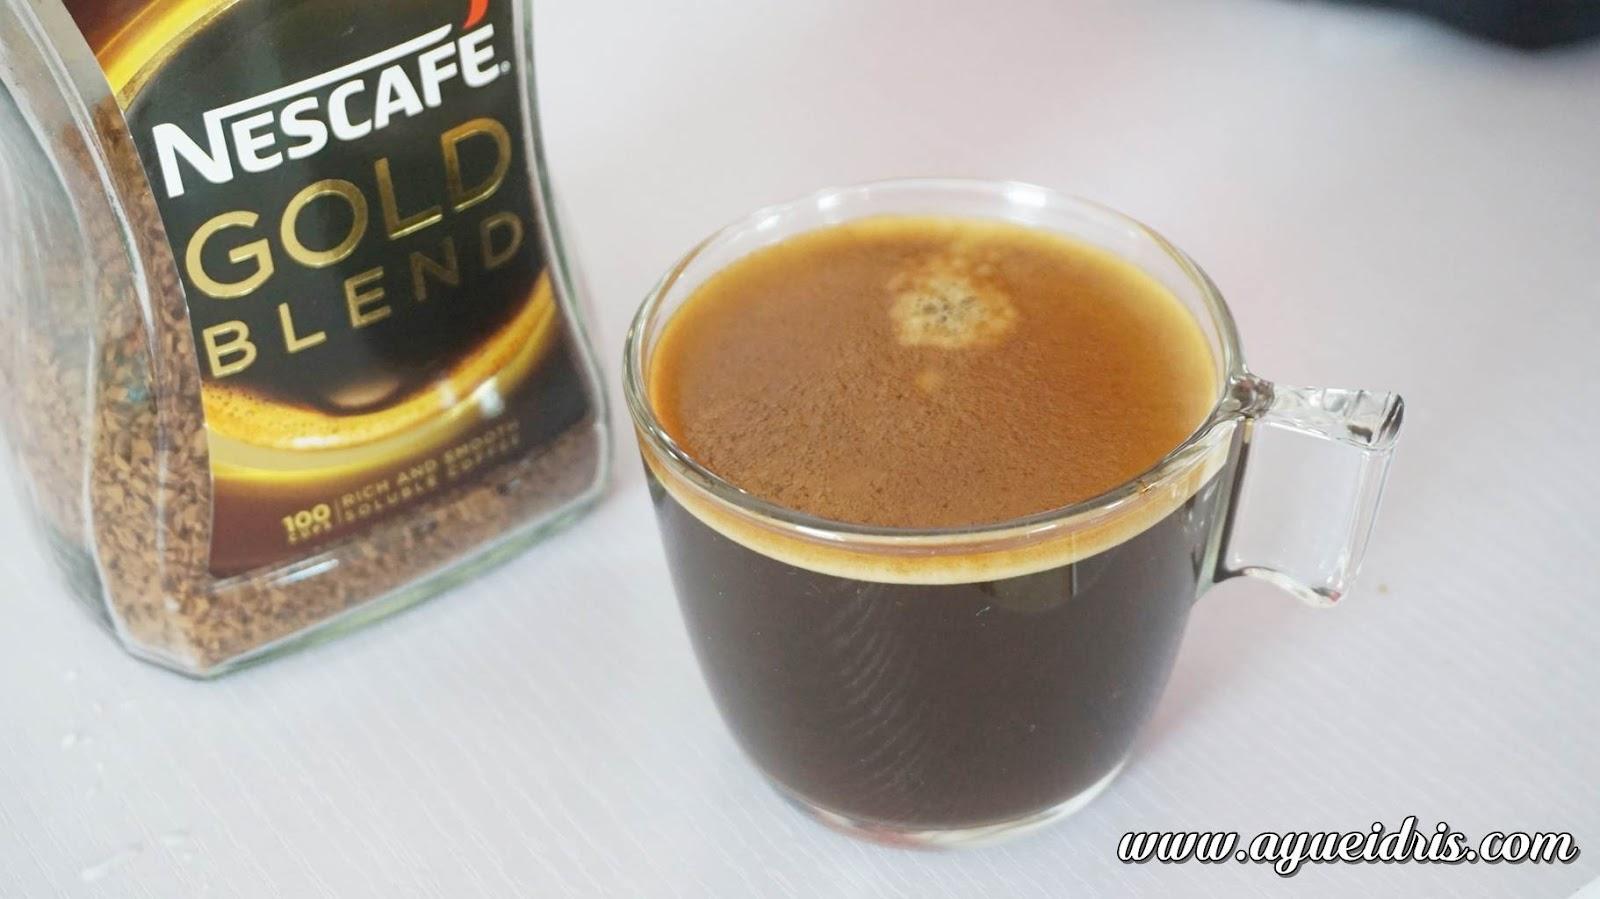 Nescafe Gold Barista Coffee Machine cara guna harga (27).JPG